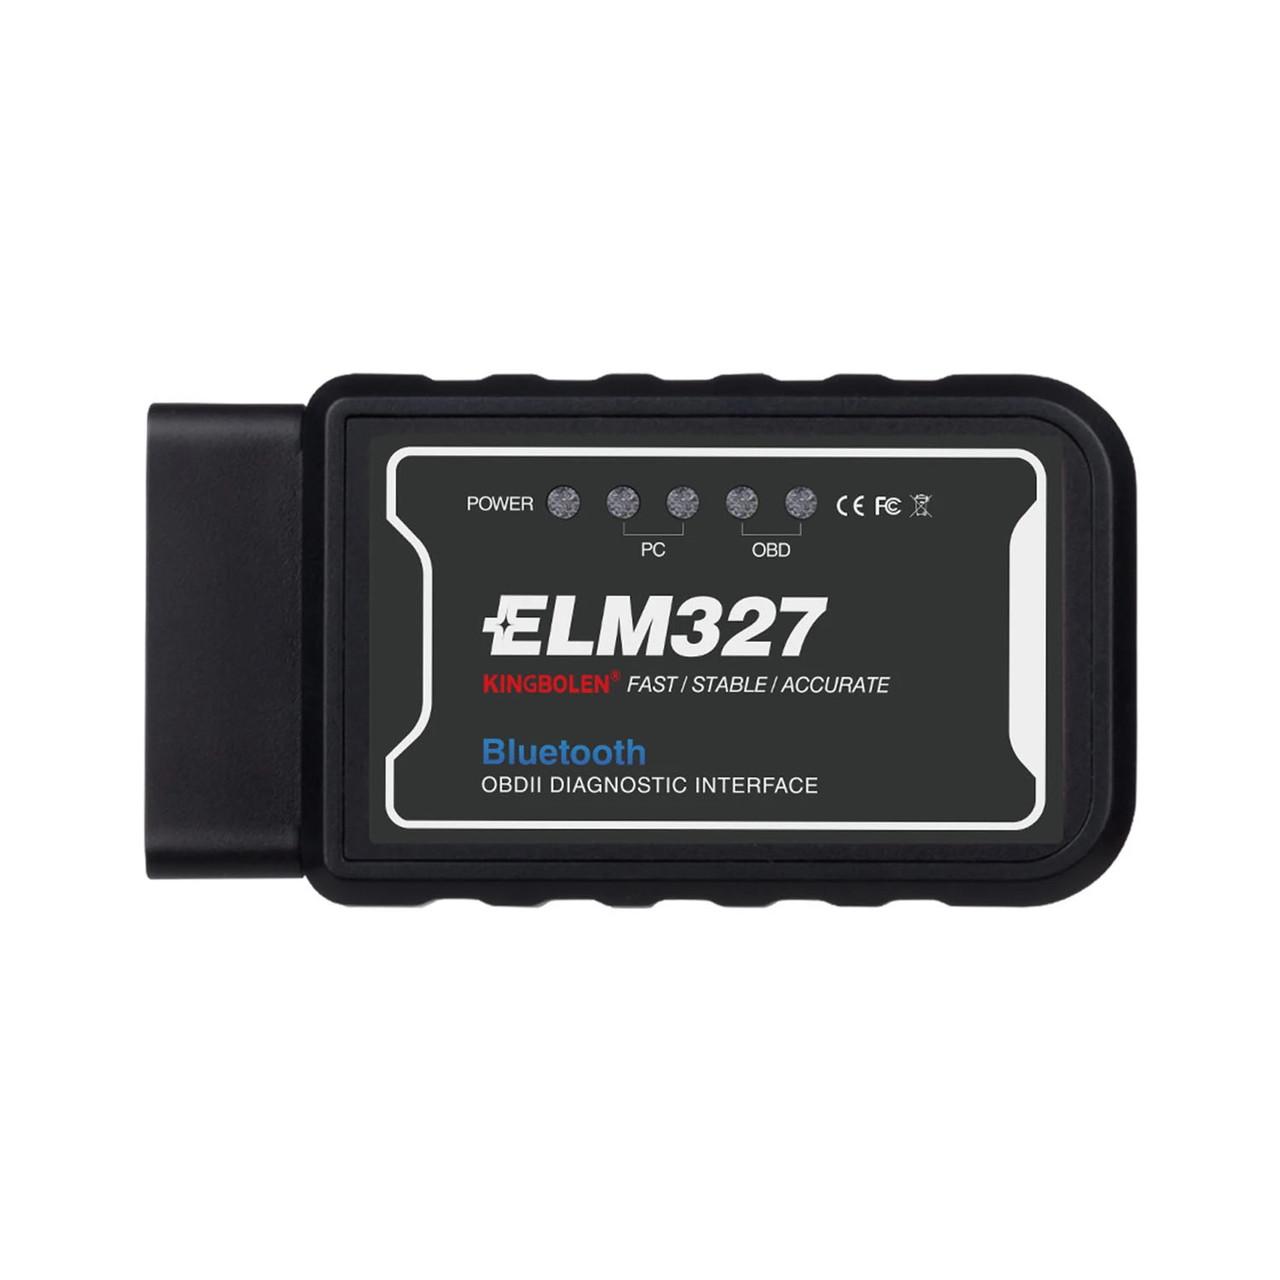 Автосканер OBD2 ELM 327 v1.5 KINGBOLEN Bluetooth (PIC18F25K80)